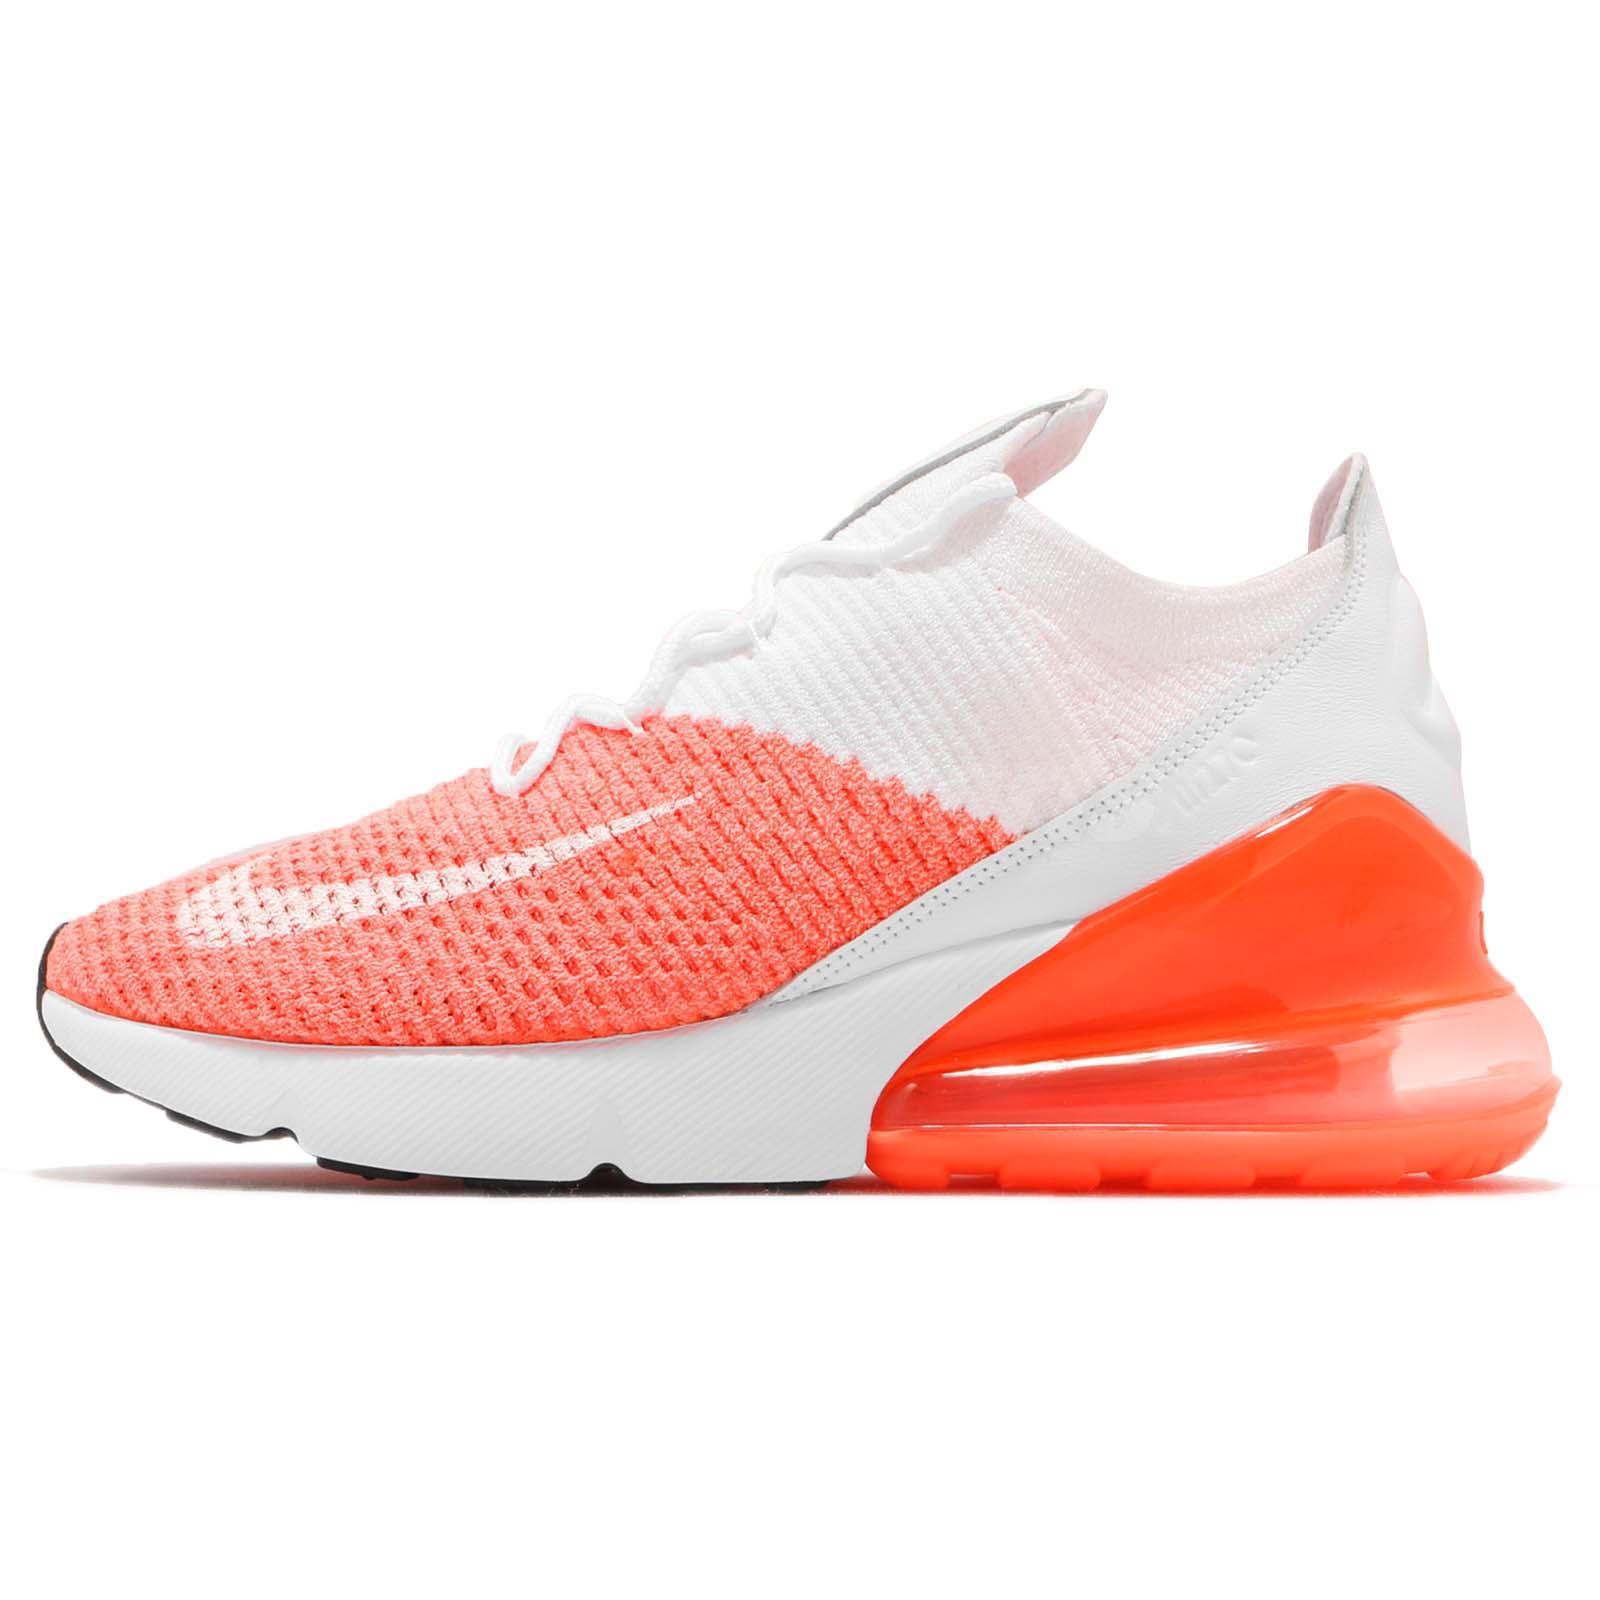 650a3cf7e55 Nike Wmns Air Max 270 Flyknit Crimson Pulse Women Running Shoes AH6803-800